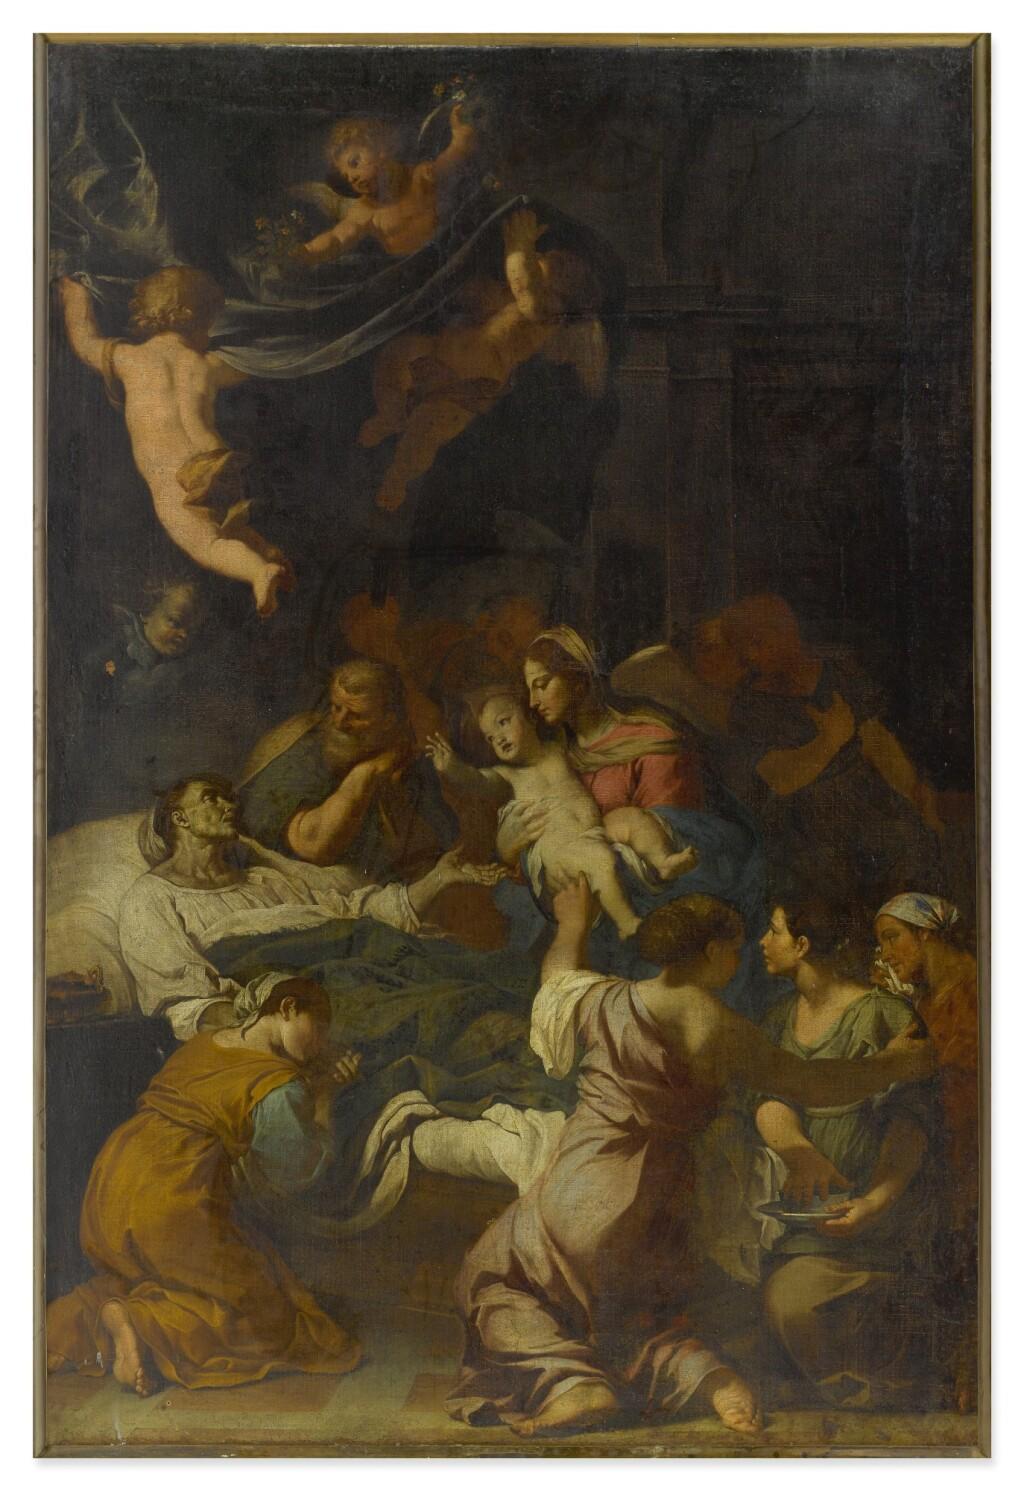 FABRIZIO CHIARI | THE DEATH OF SAINT ANNE